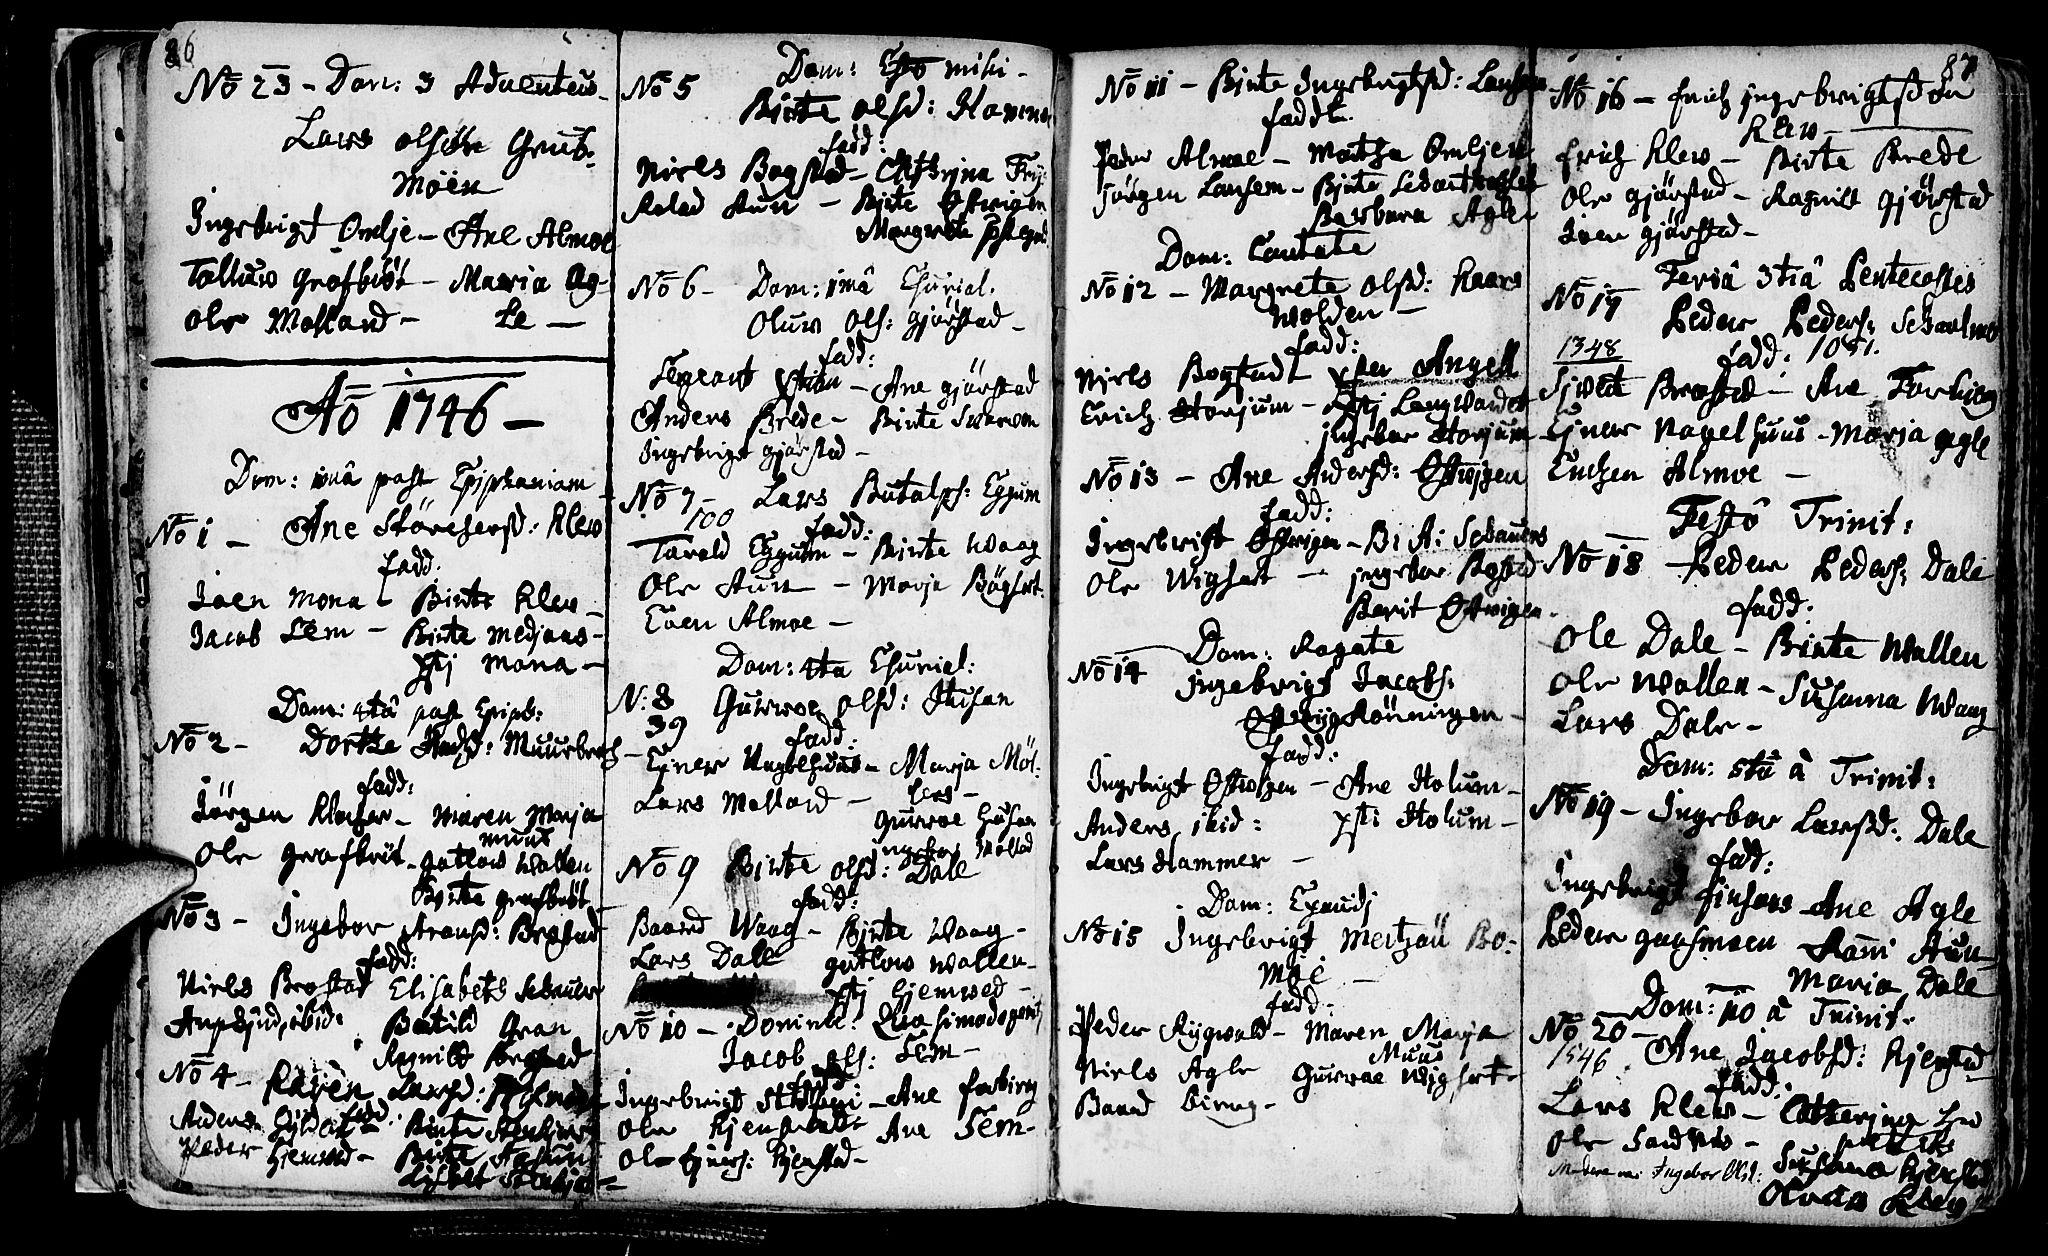 SAT, Ministerialprotokoller, klokkerbøker og fødselsregistre - Nord-Trøndelag, 749/L0467: Ministerialbok nr. 749A01, 1733-1787, s. 86-87